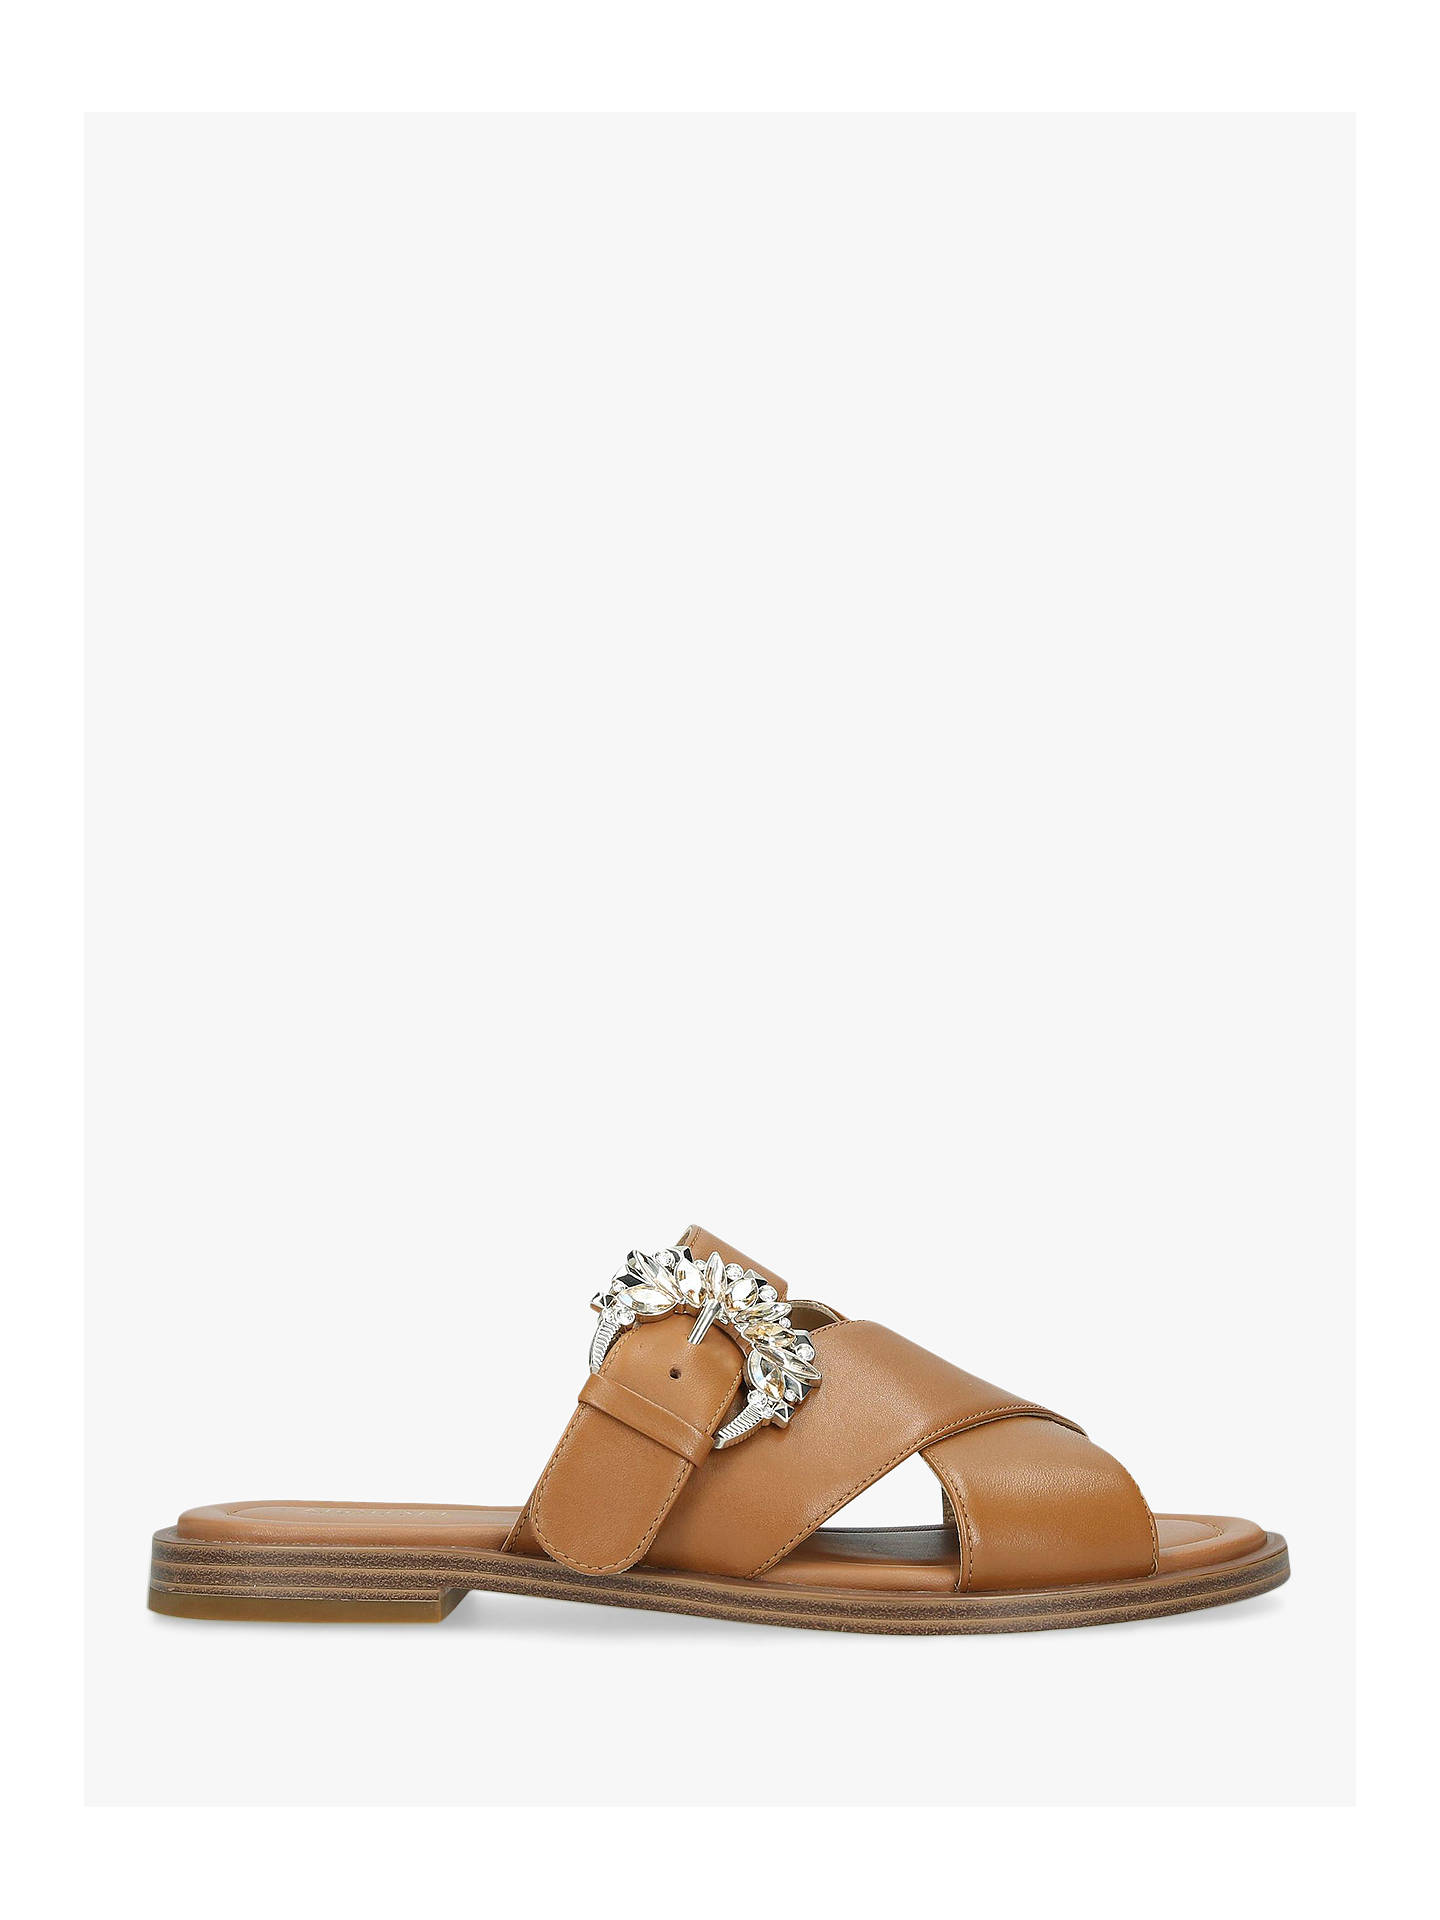 11f8f93a6c23 Buy MICHAEL Michael Kors Frieda Slide Sandals